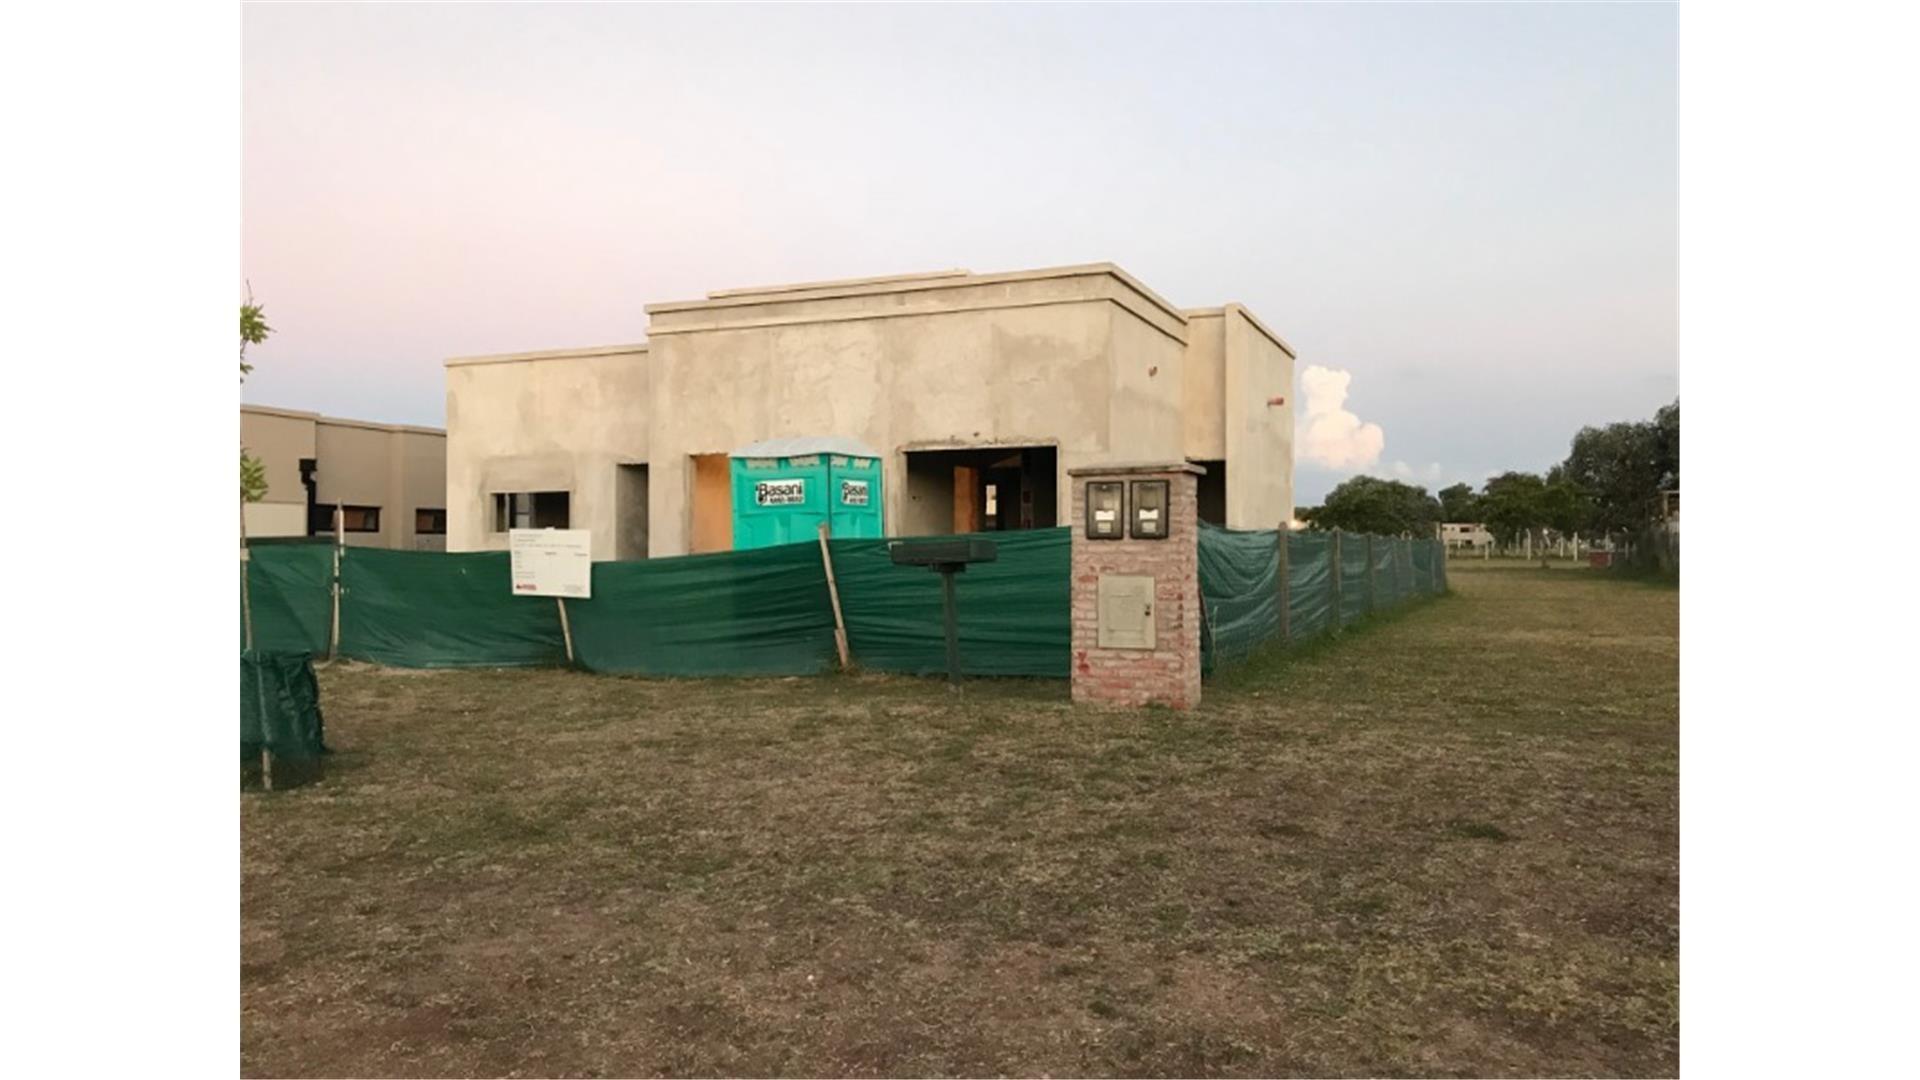 FIRENZE VILAS VENDE CASA EN BARRIO SAN ALFONSO